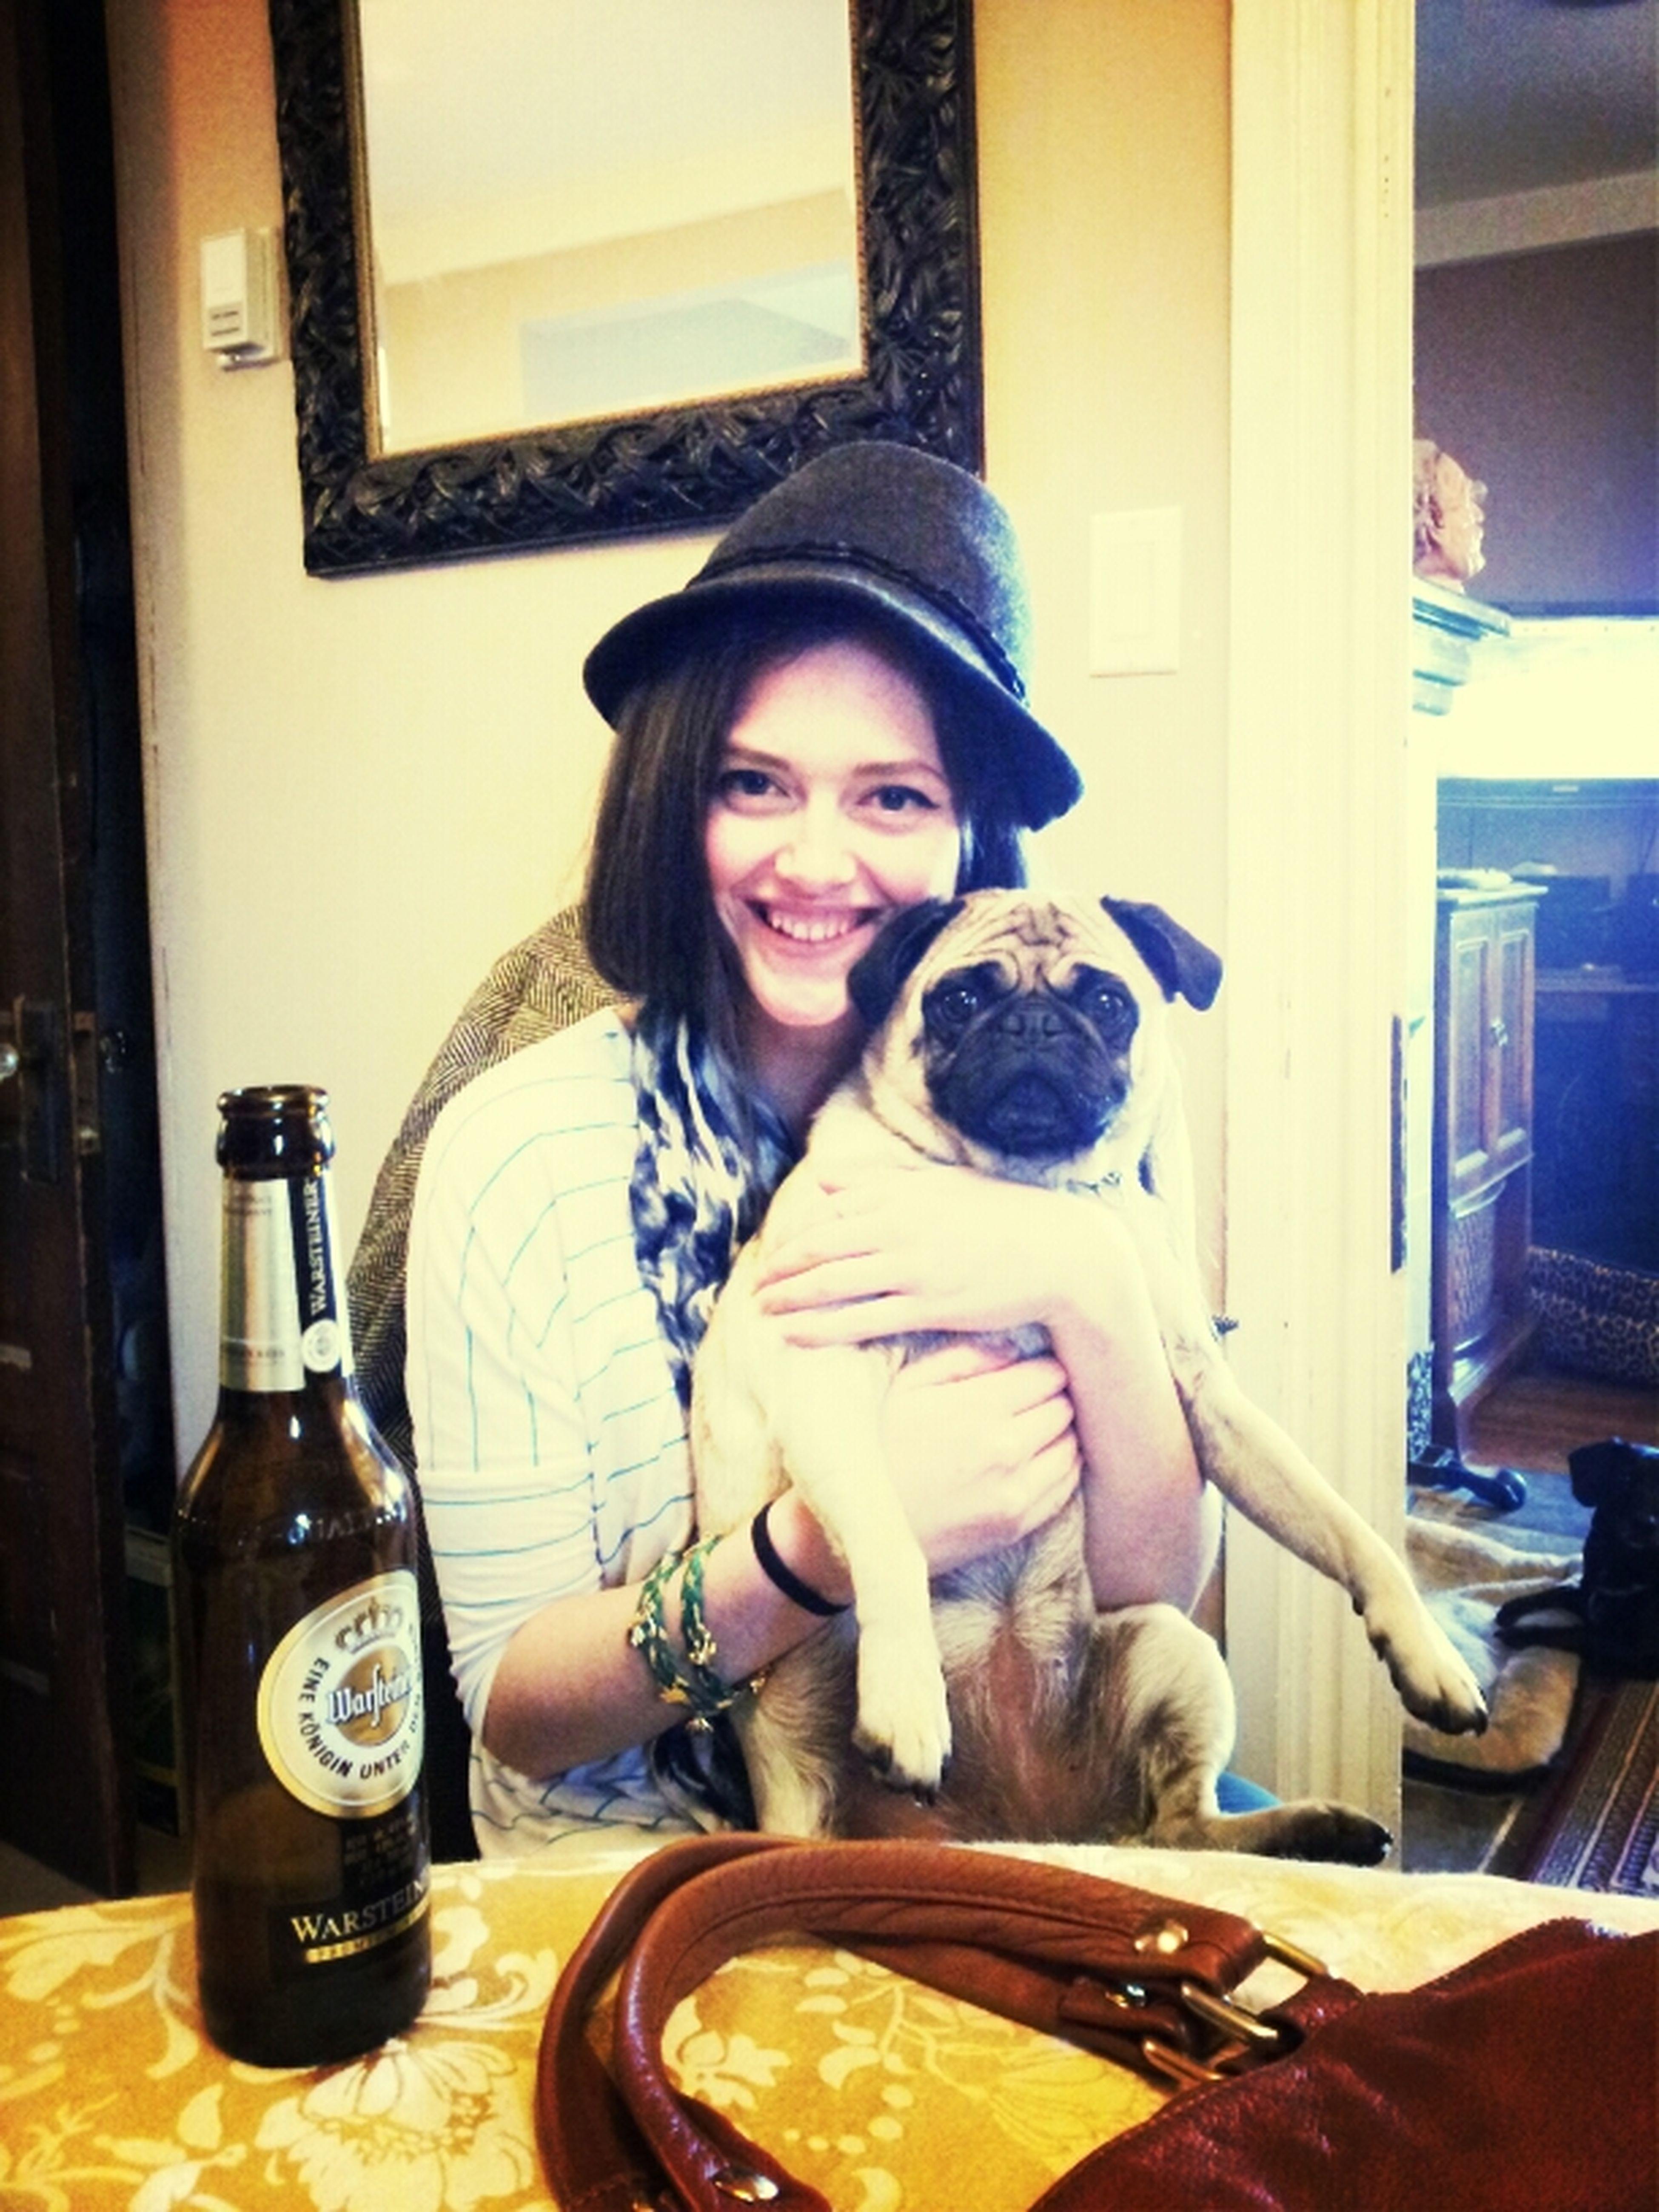 Sister & The Pug